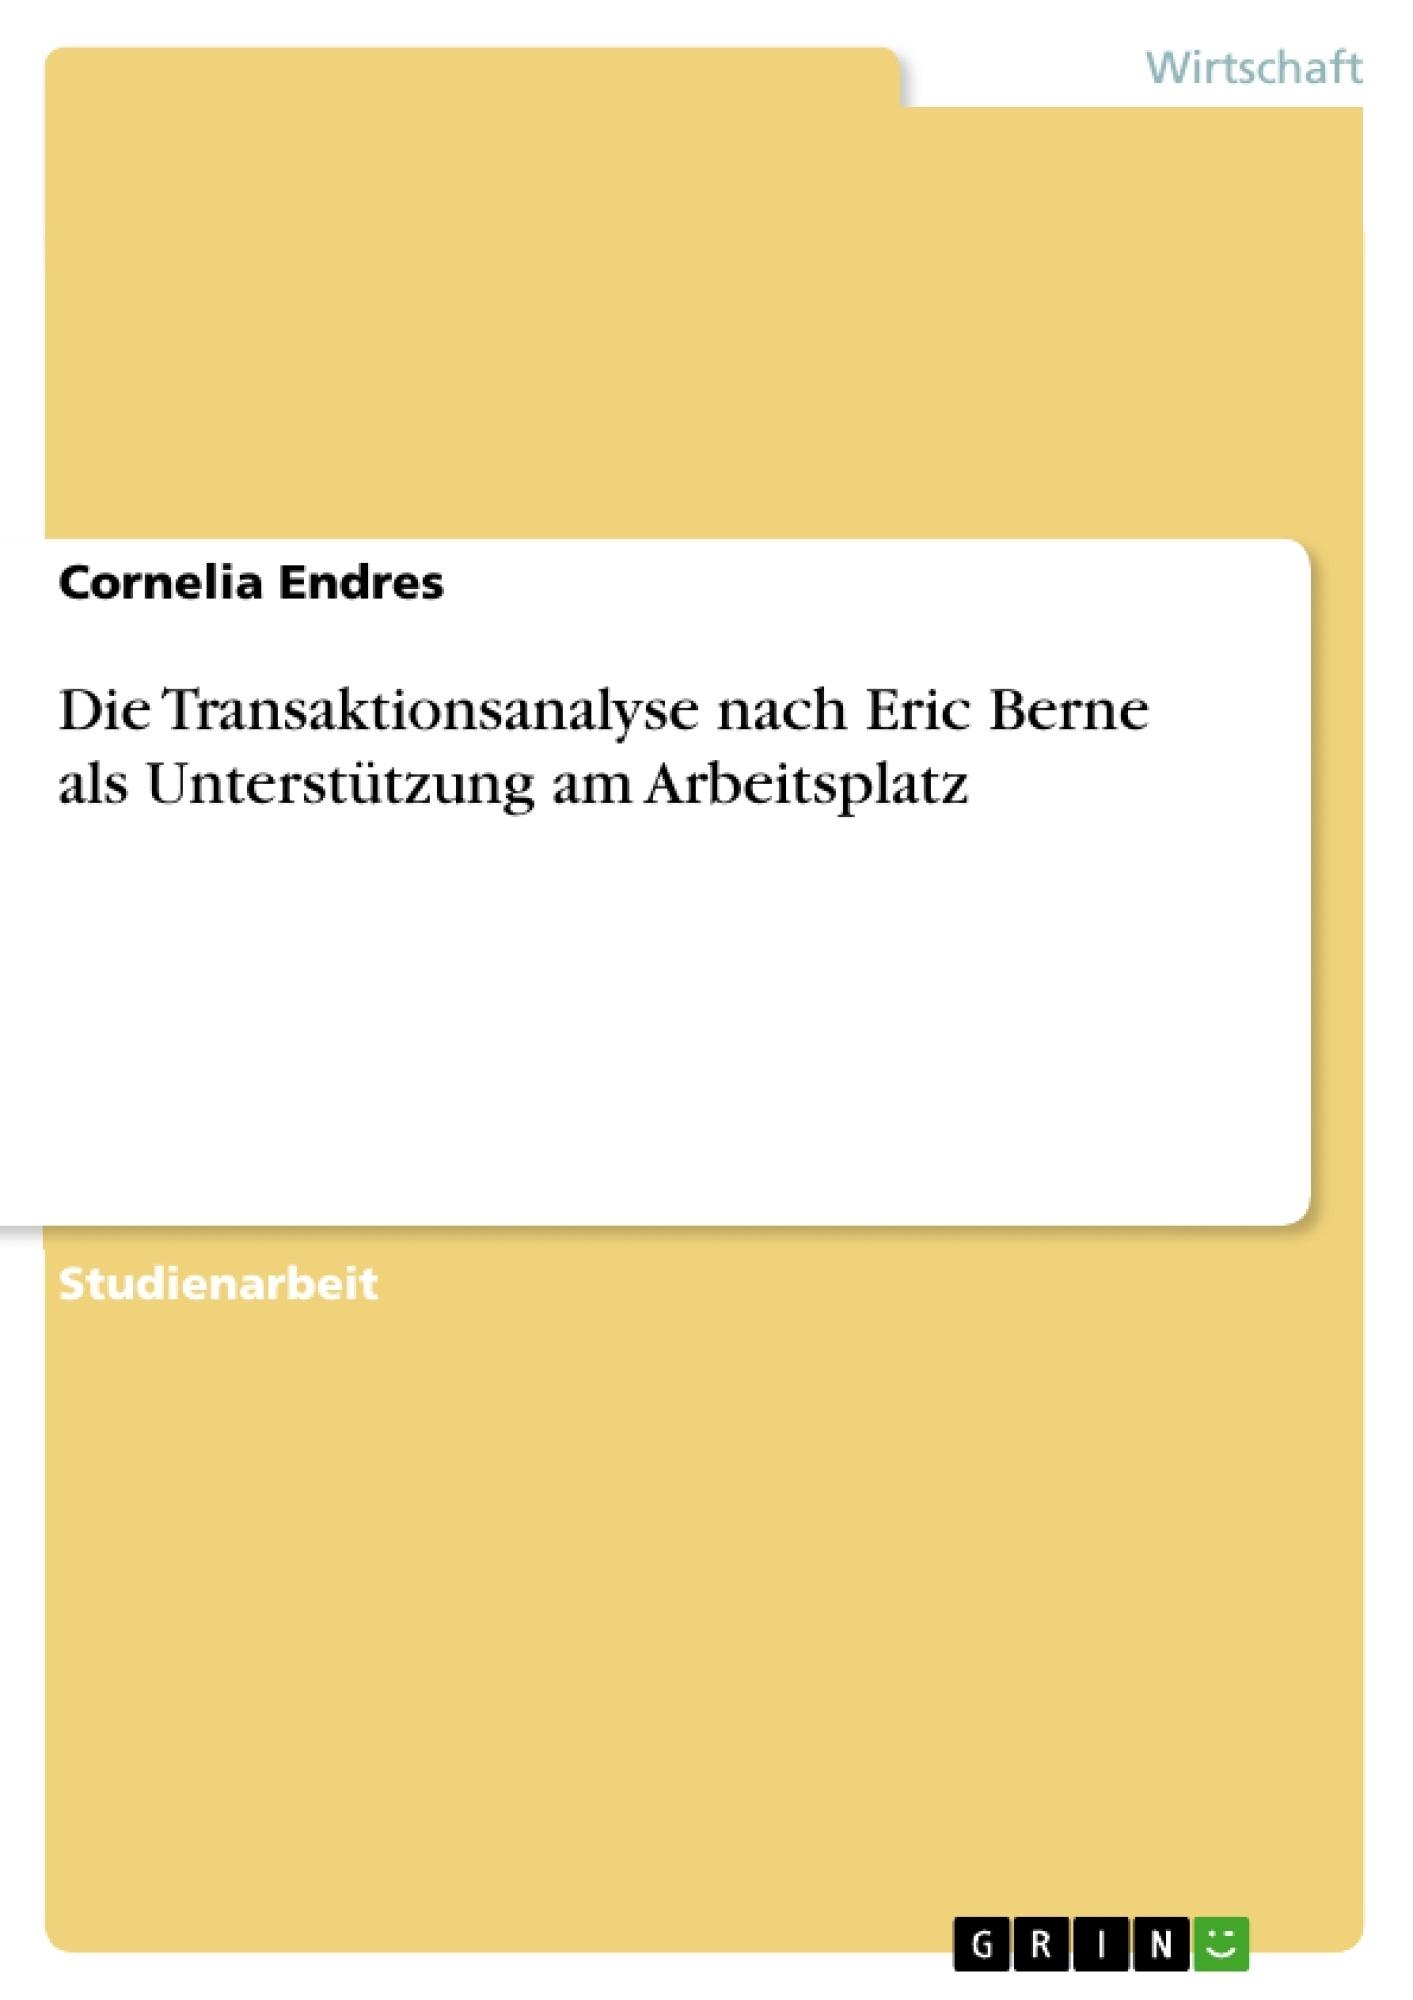 Titel: Die Transaktionsanalyse nach Eric Berne als Unterstützung am Arbeitsplatz